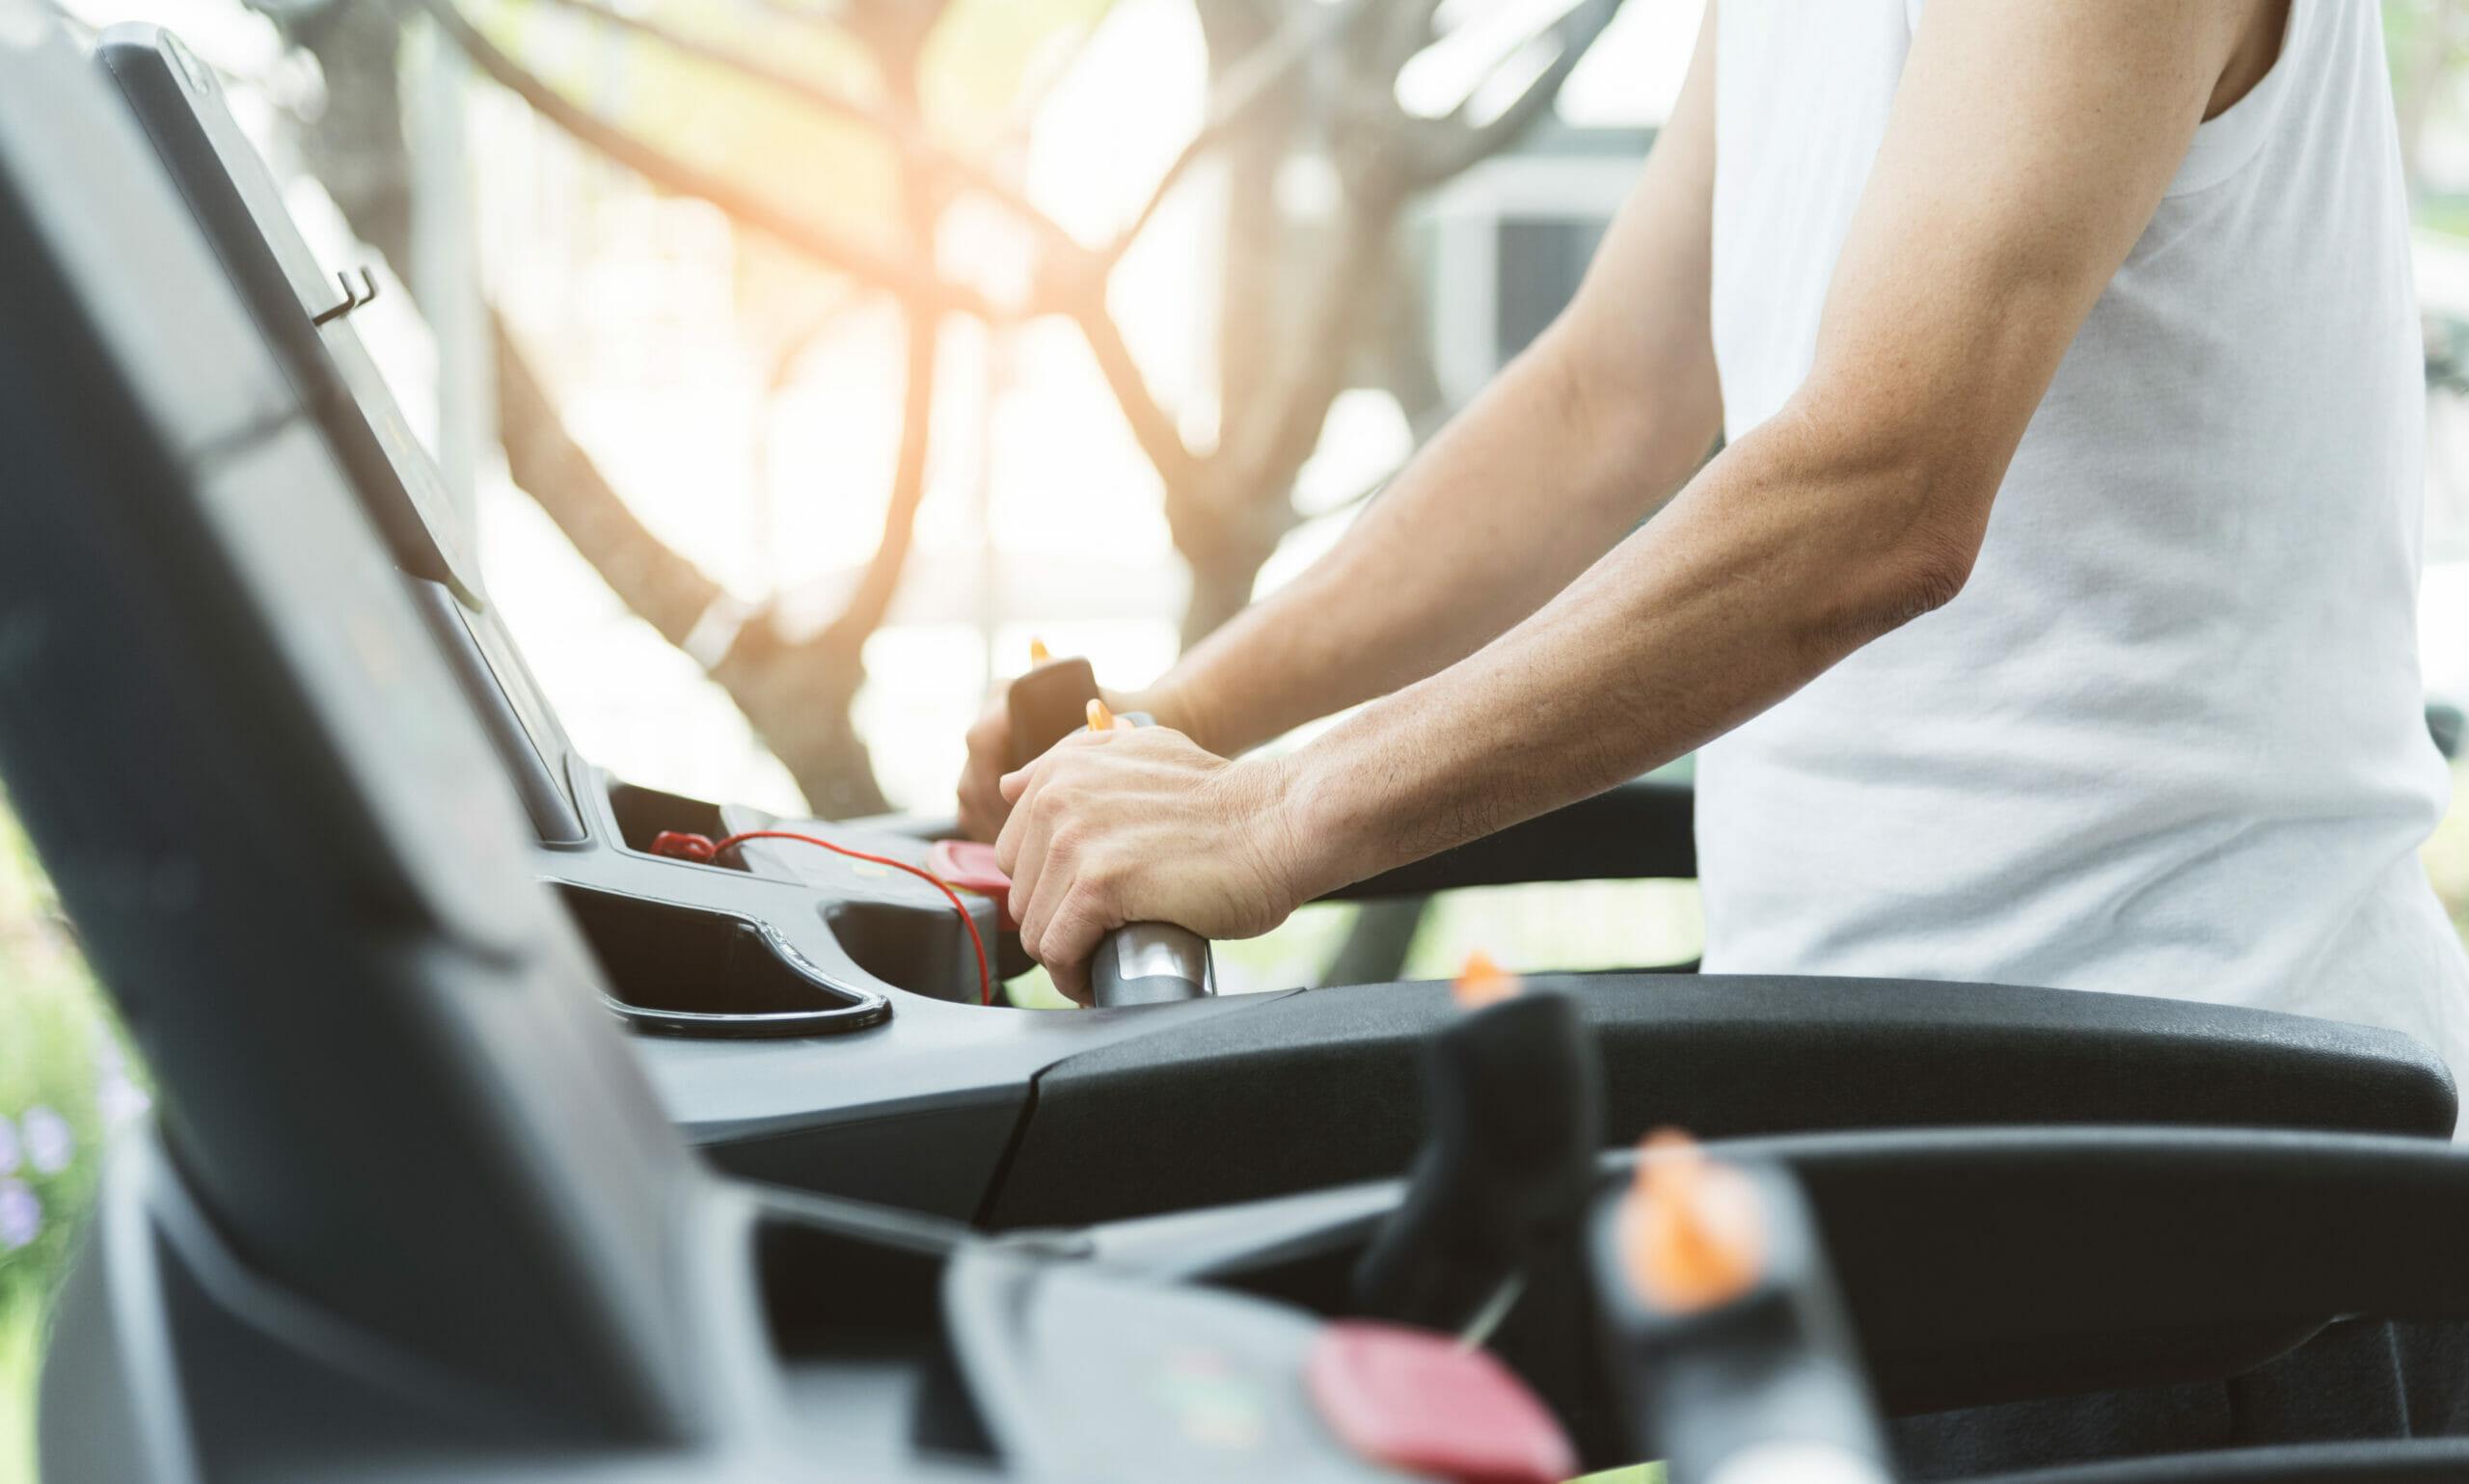 spirit xt285 treadmill review